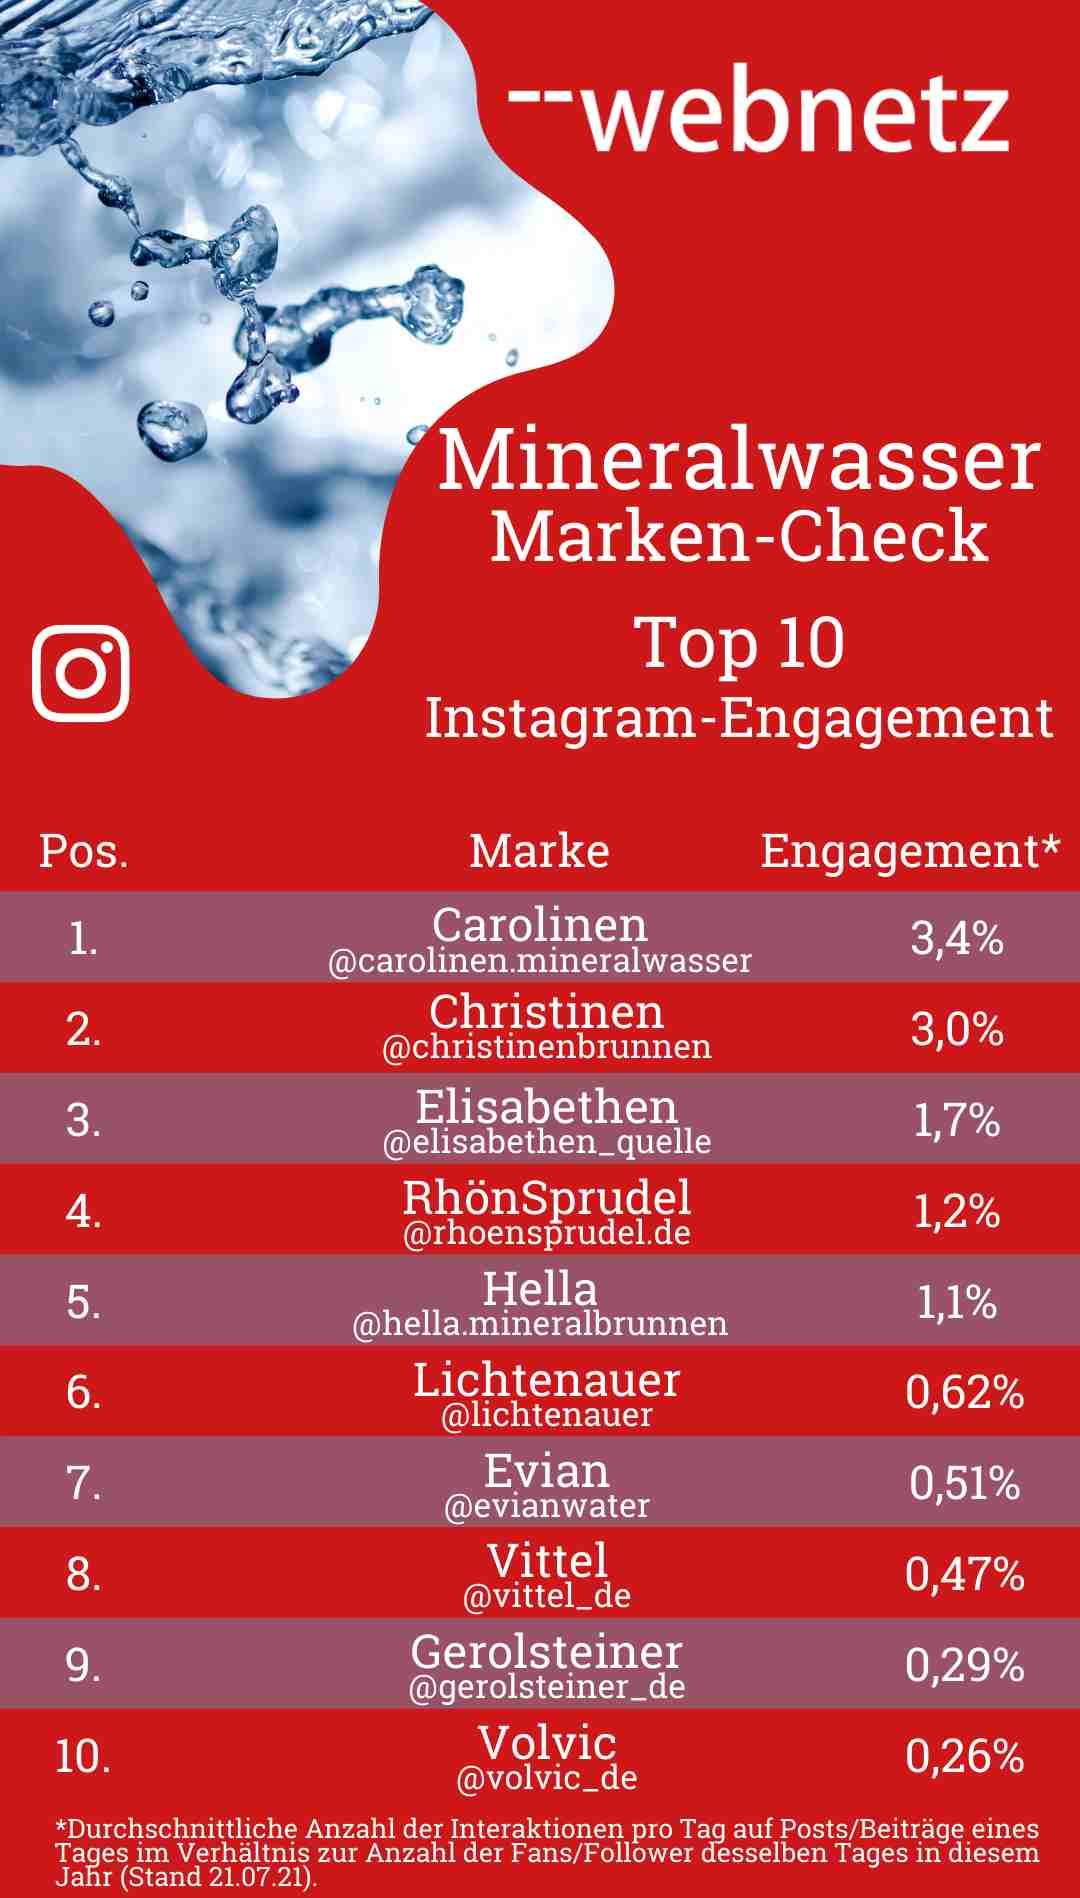 Mineralwasser-Marken Top 10 Instagram-Engagement